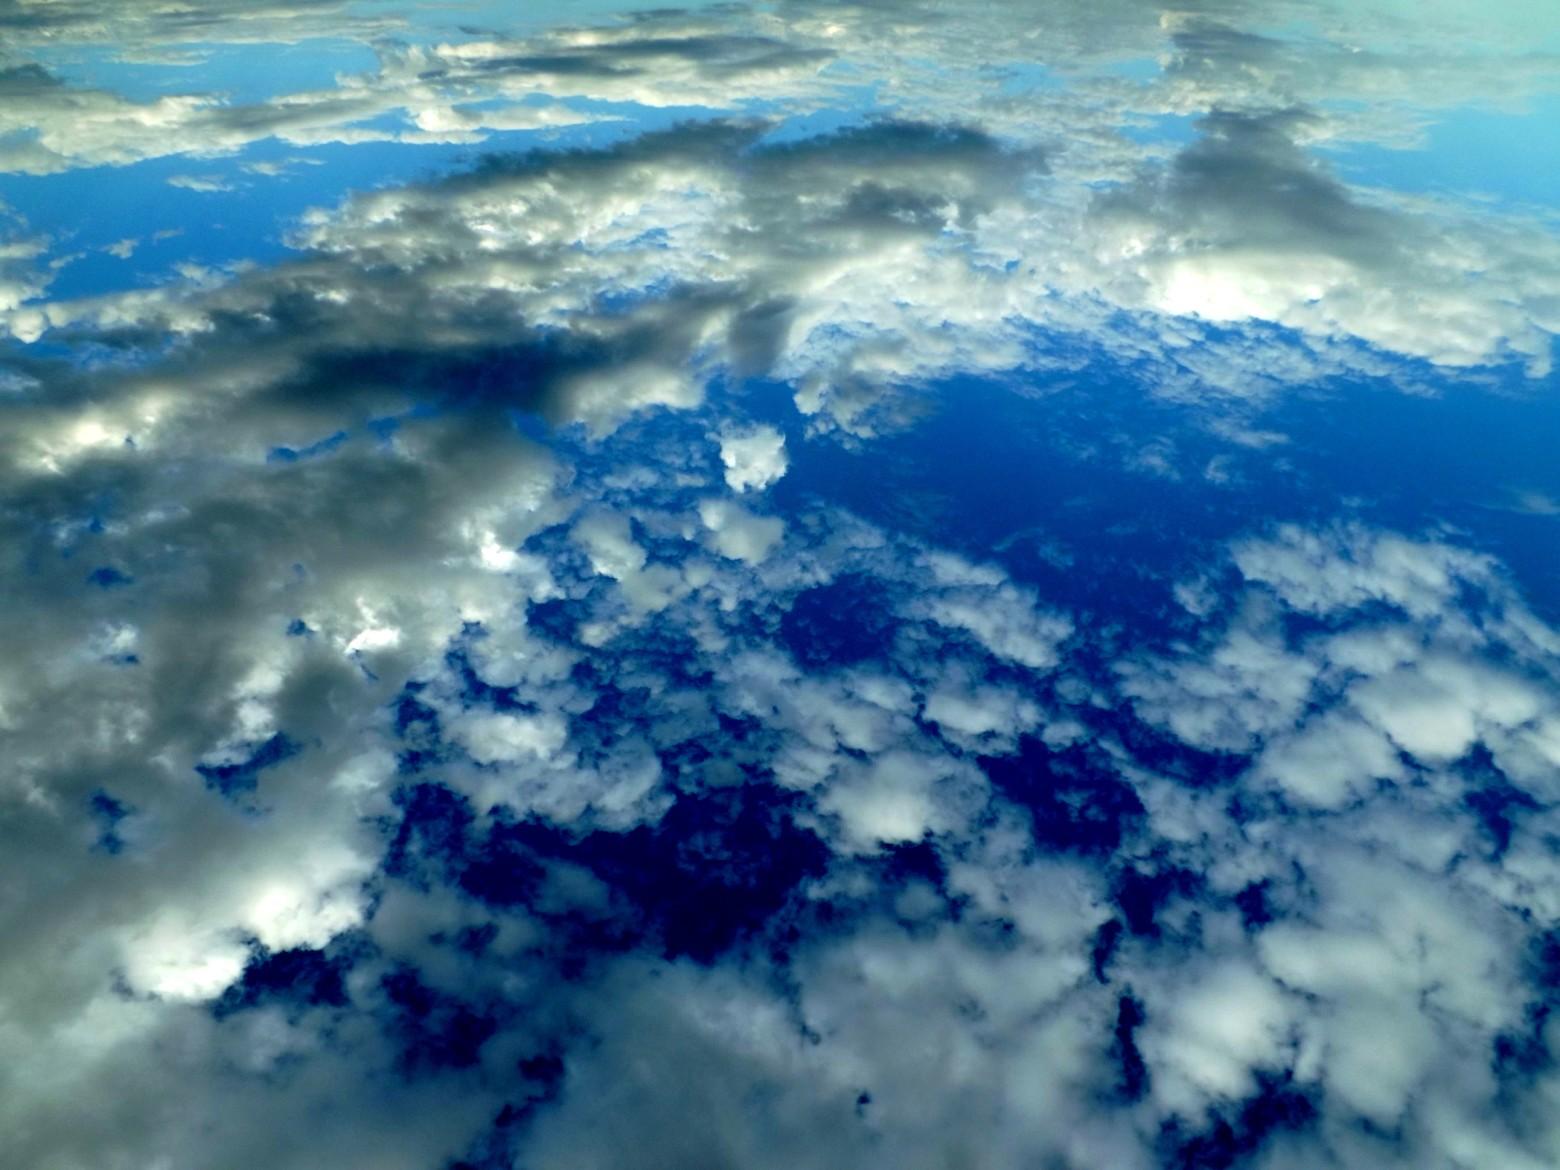 Nuage Et Ciel Bleu Images Gratuites Et Libres De Droits